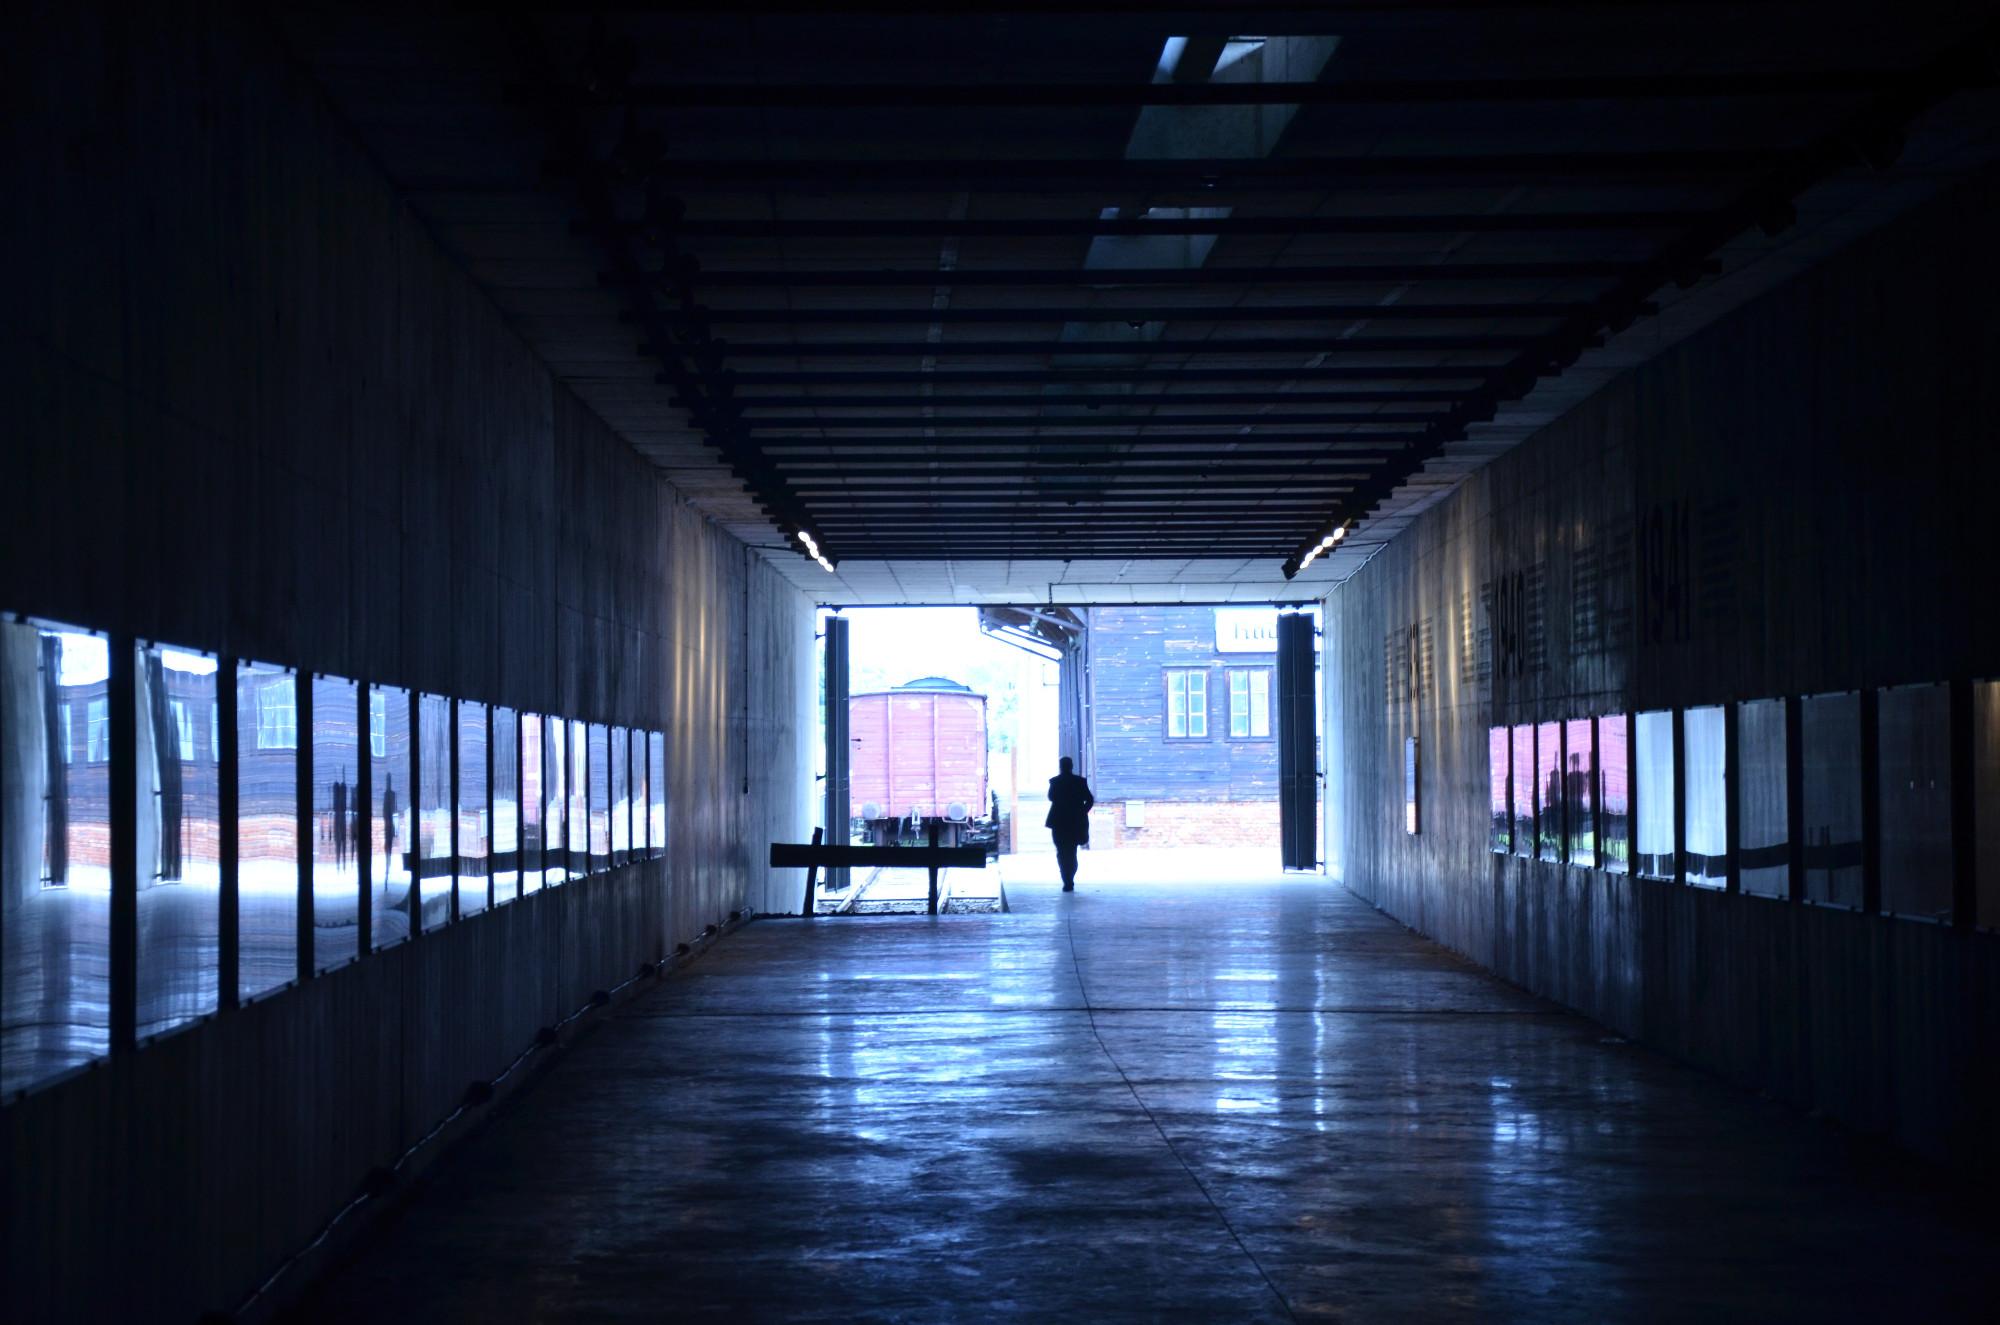 Am Ende des Tunnels in der Holocaust Gedenkstätte Radegast erwarten Besucher ein Orginal-Zug sowie das kleine, aber erschütternde Museum im hölzernen Bahnhofsgebäude. (Foto: © Jürgen Ulbrich)